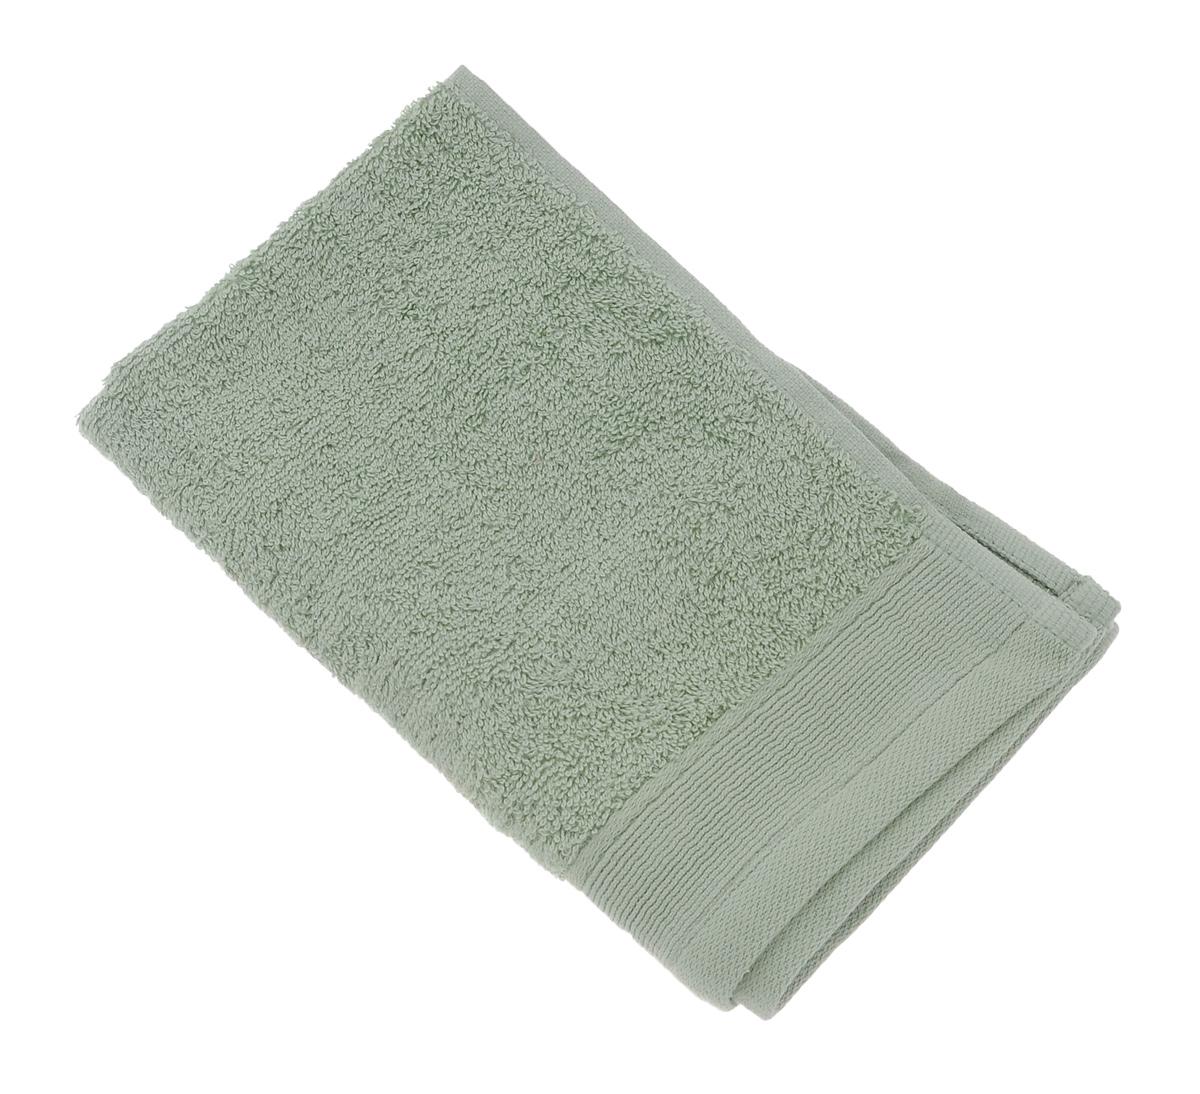 Полотенце махровое Guten Morgen, цвет: светло-зеленый, 30 х 50 см74-0060Махровое полотенце Guten Morgen, изготовленное из натурального хлопка, прекрасно впитывает влагу и быстро сохнет. Высокая плотность ткани делает полотенце мягкими, прочными и пушистыми. При соблюдении рекомендаций по уходу изделие сохраняет яркость цвета и не теряет форму даже после многократных стирок. Махровое полотенце Guten Morgen станет достойным выбором для вас и приятным подарком для ваших близких. Мягкость и высокое качество материала, из которого изготовлено полотенце, не оставит вас равнодушными.